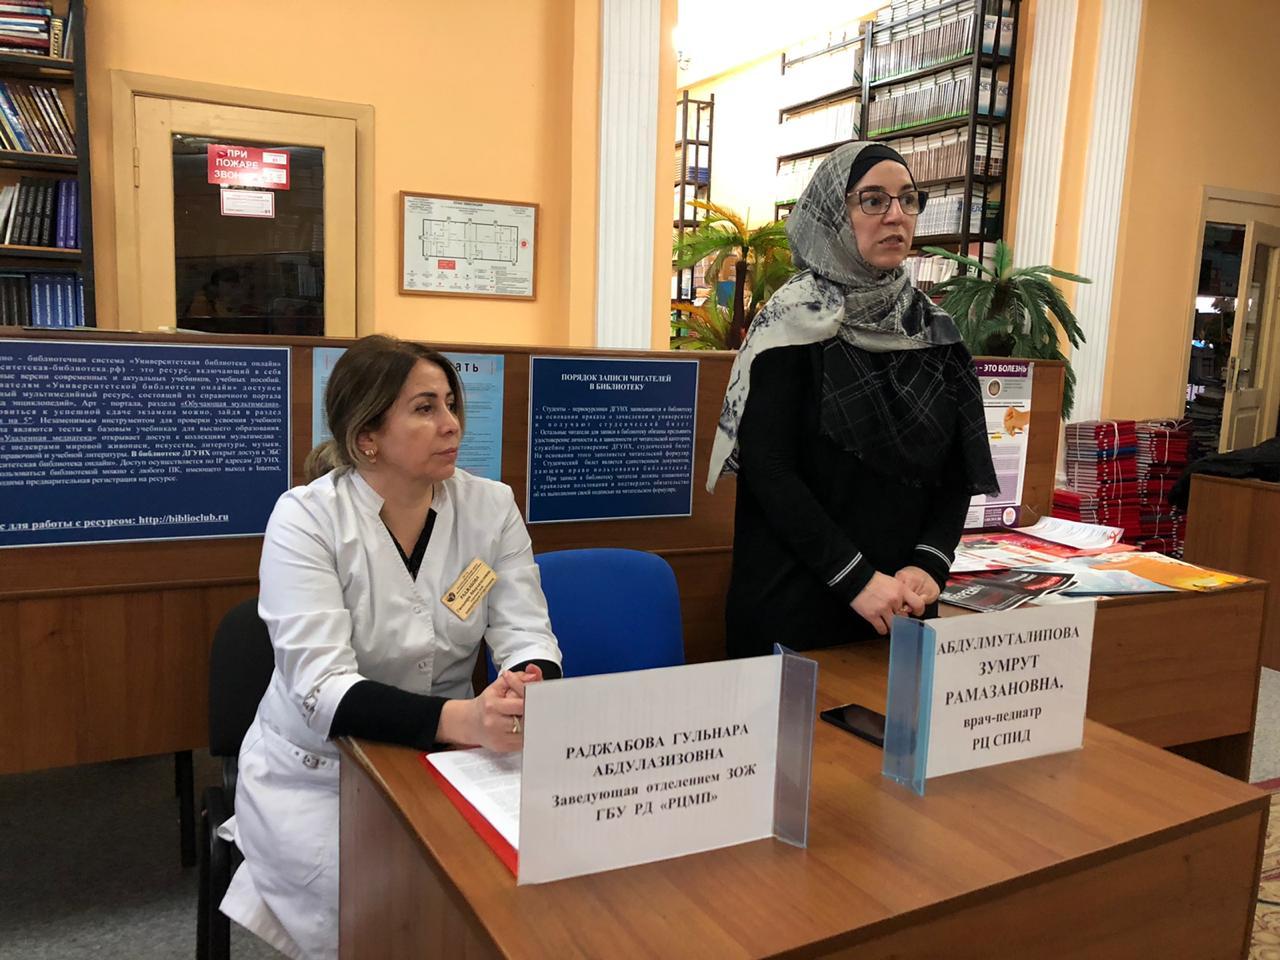 Круглый стол по проблемам профилактики ВИЧ-инфекции состоялся в понедельник в ДГУНХ